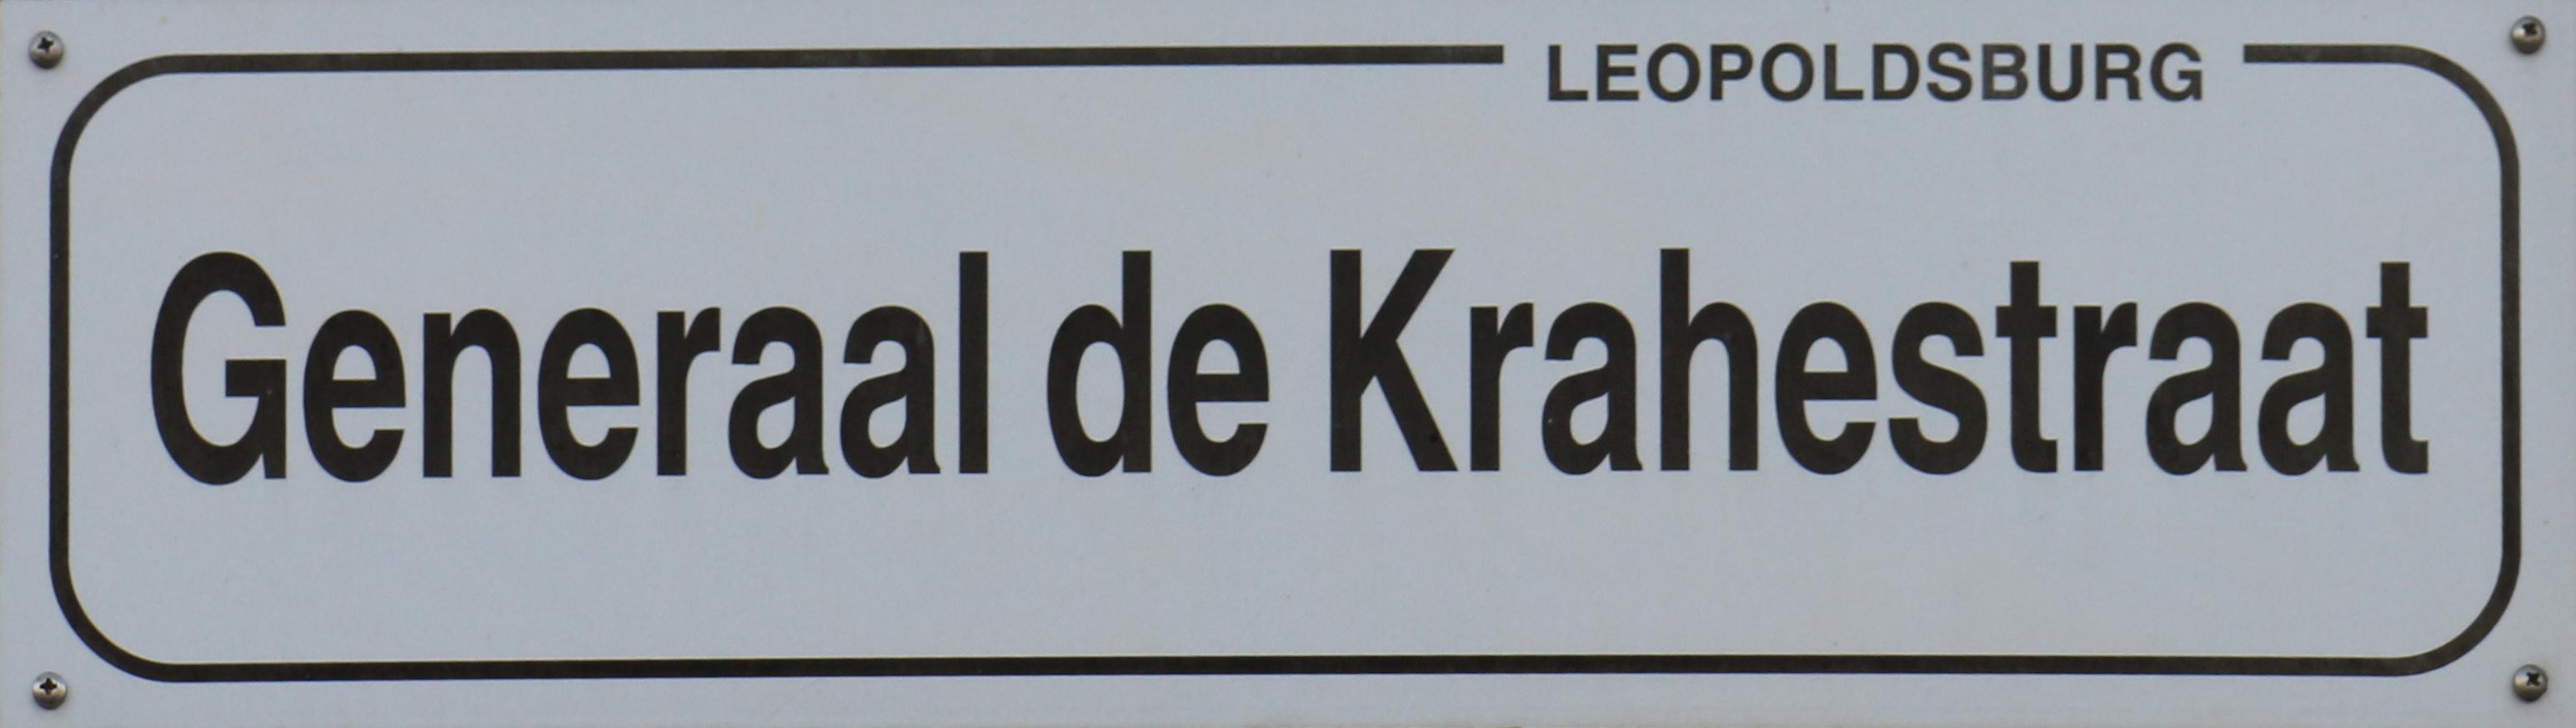 Gen_deKrahestraat